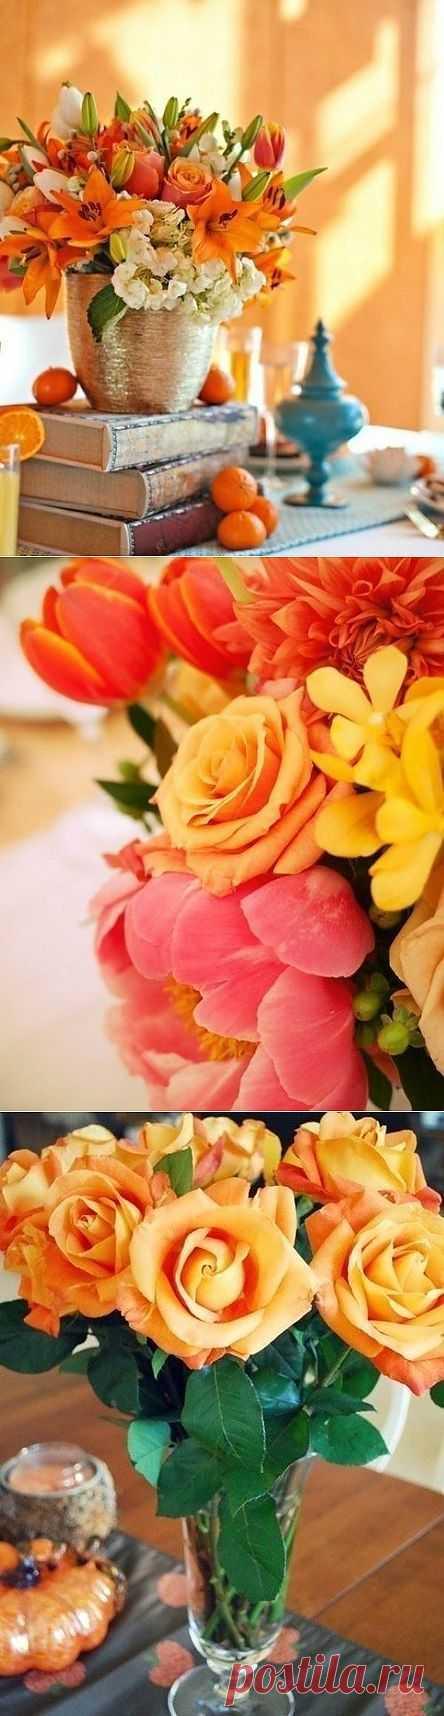 Тепло-розовое настроение